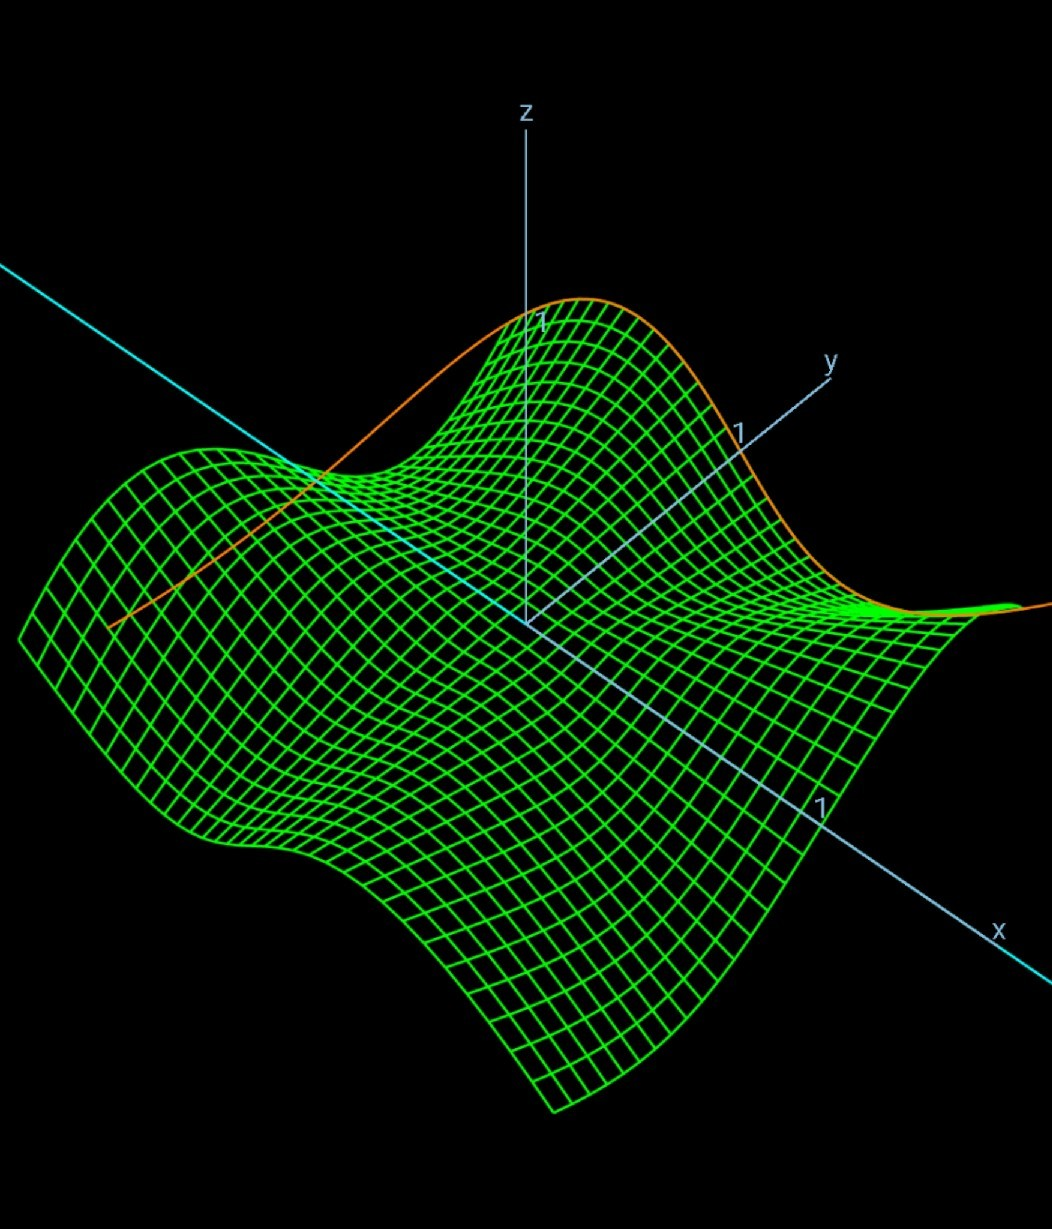 偏微分と図形の意味_b0368745_02441632.jpg